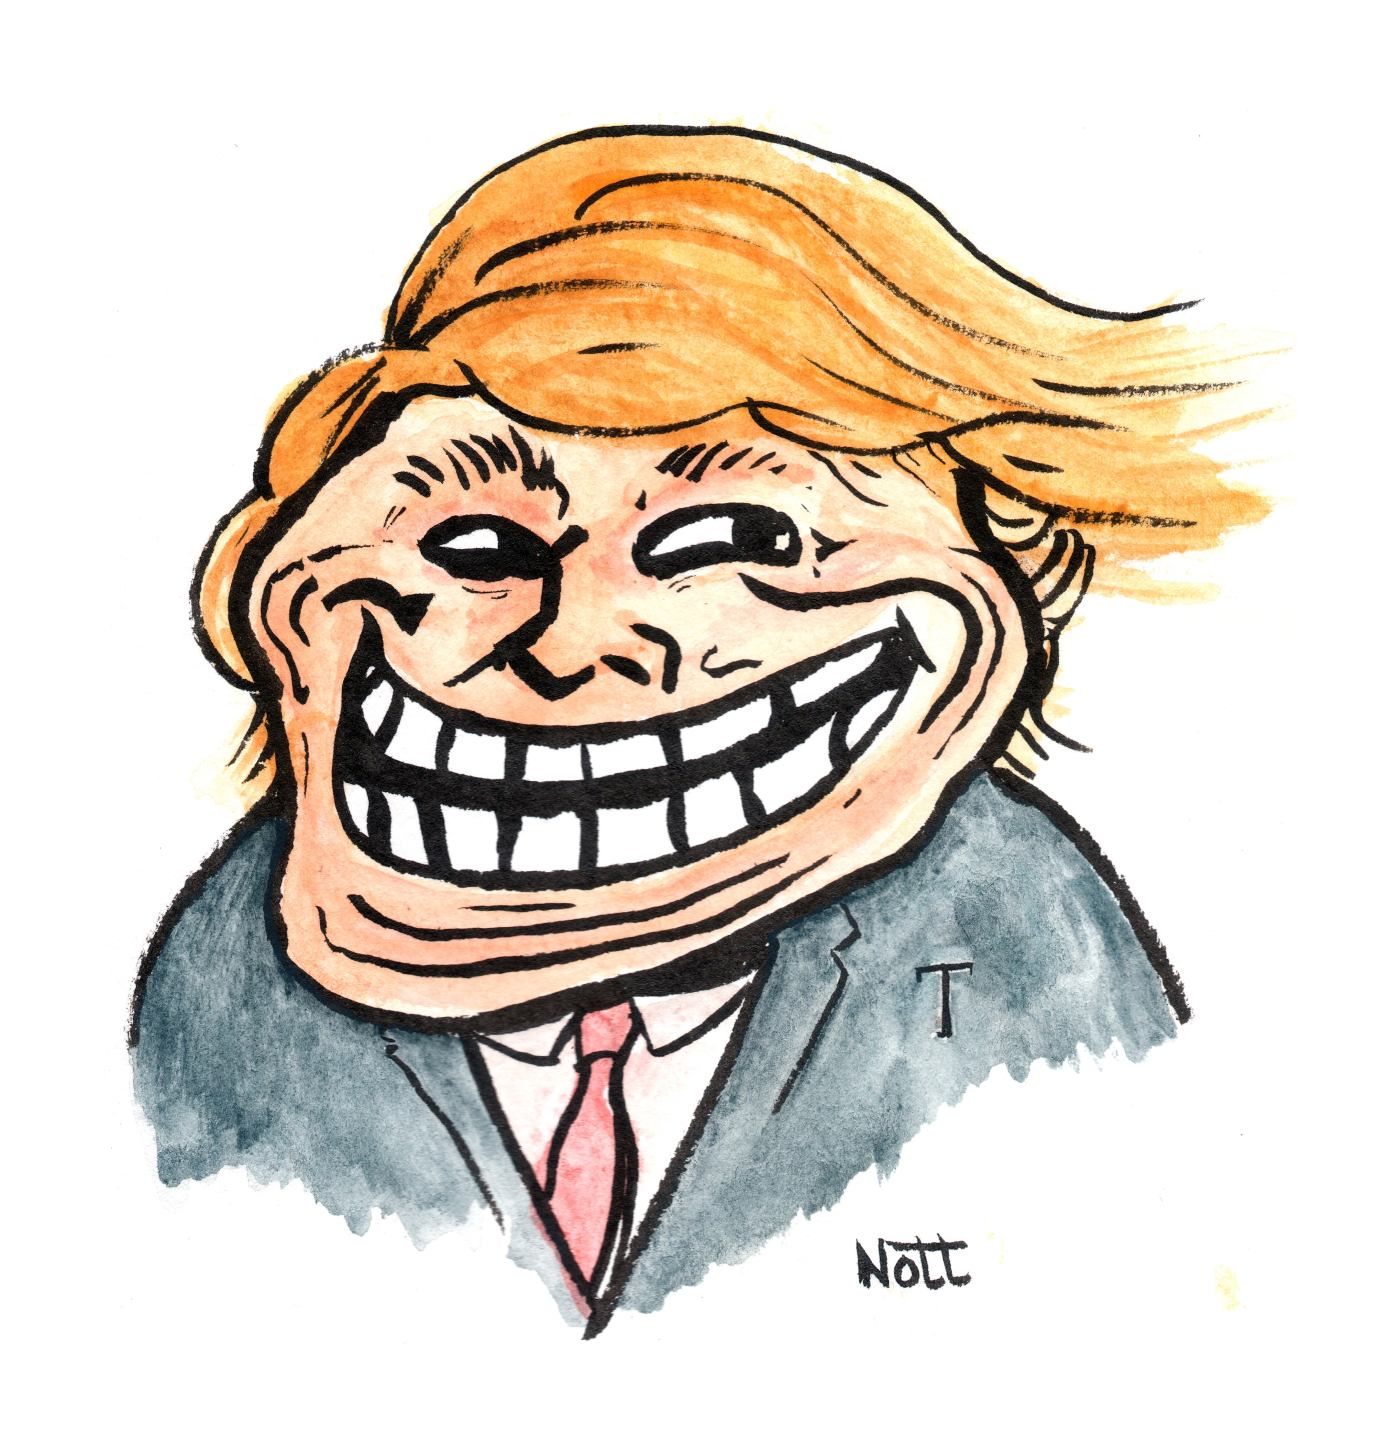 donald-trump-troll-face-dan-nott.jpg?w=1